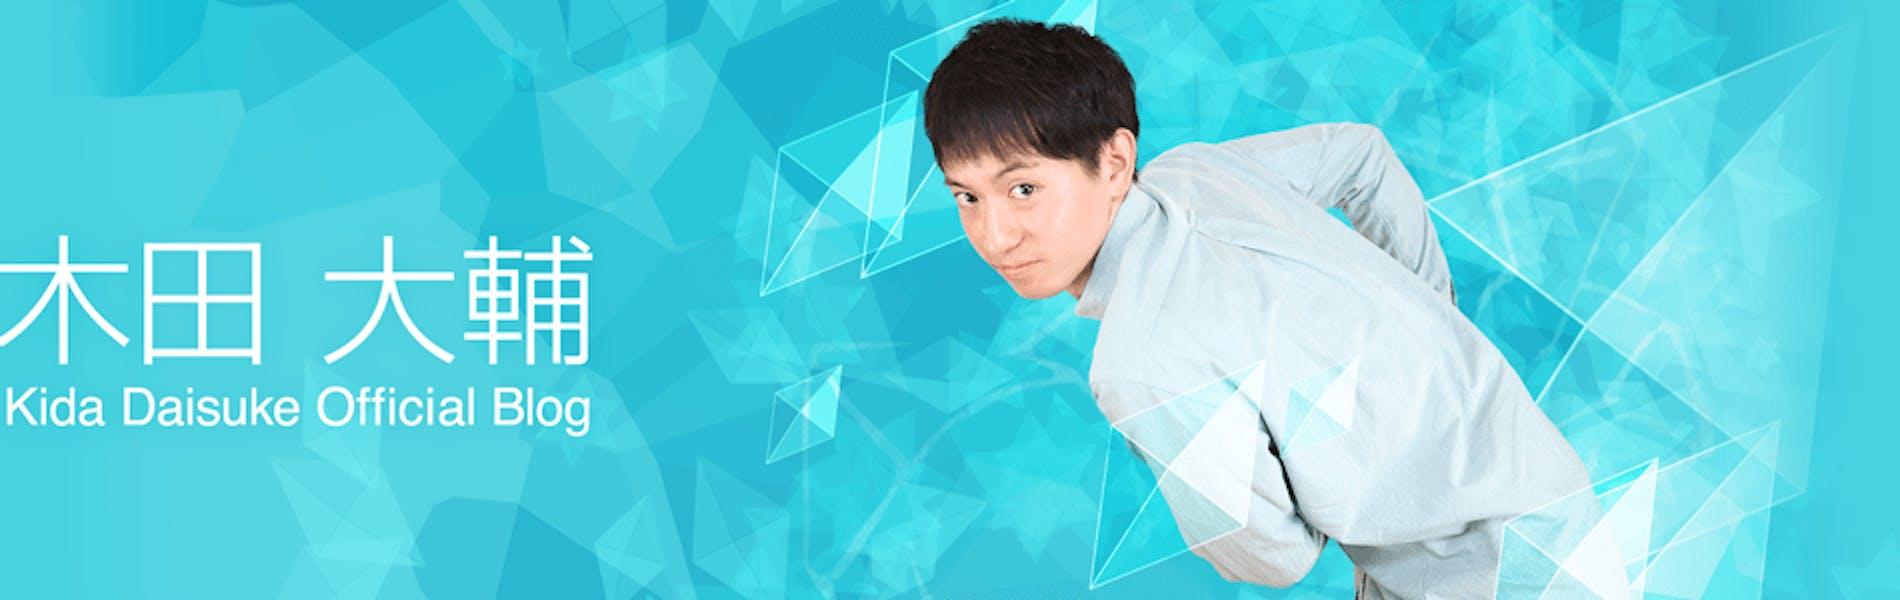 木田大輔 オフィシャルブログ